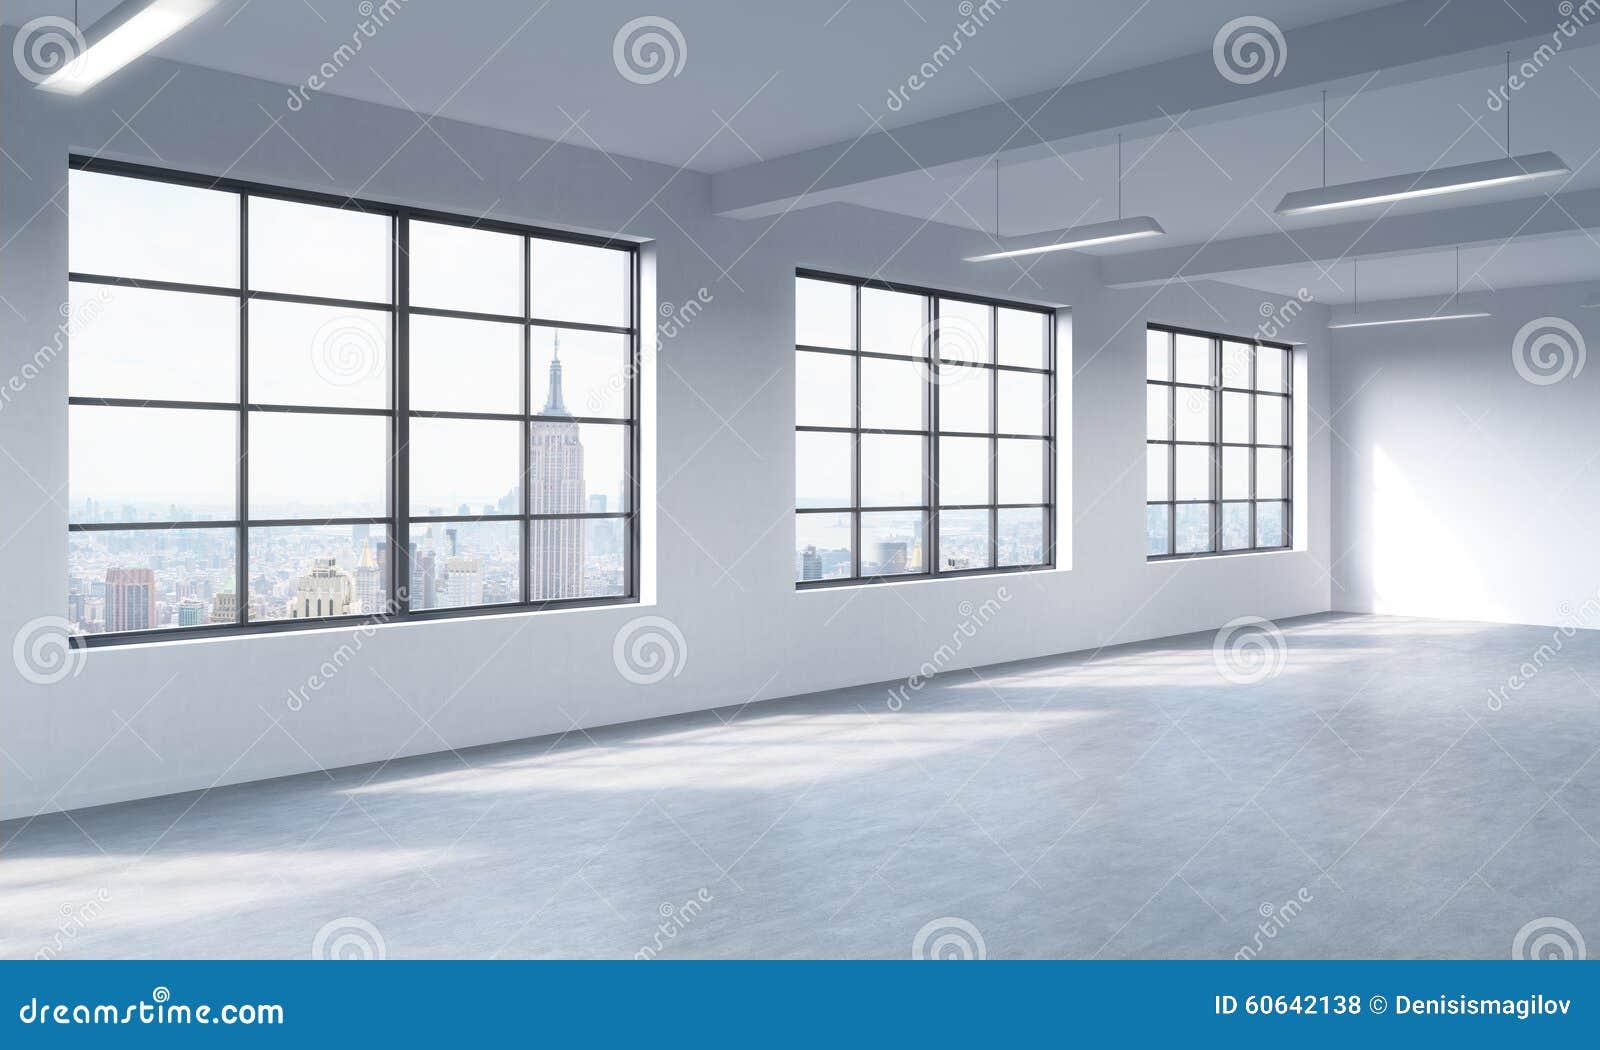 Moderner heller sauberer Innenraum eines Dachbodenartoffenen raumes Enorme Fenster und weiße Wände Panoramische Stadtansicht New